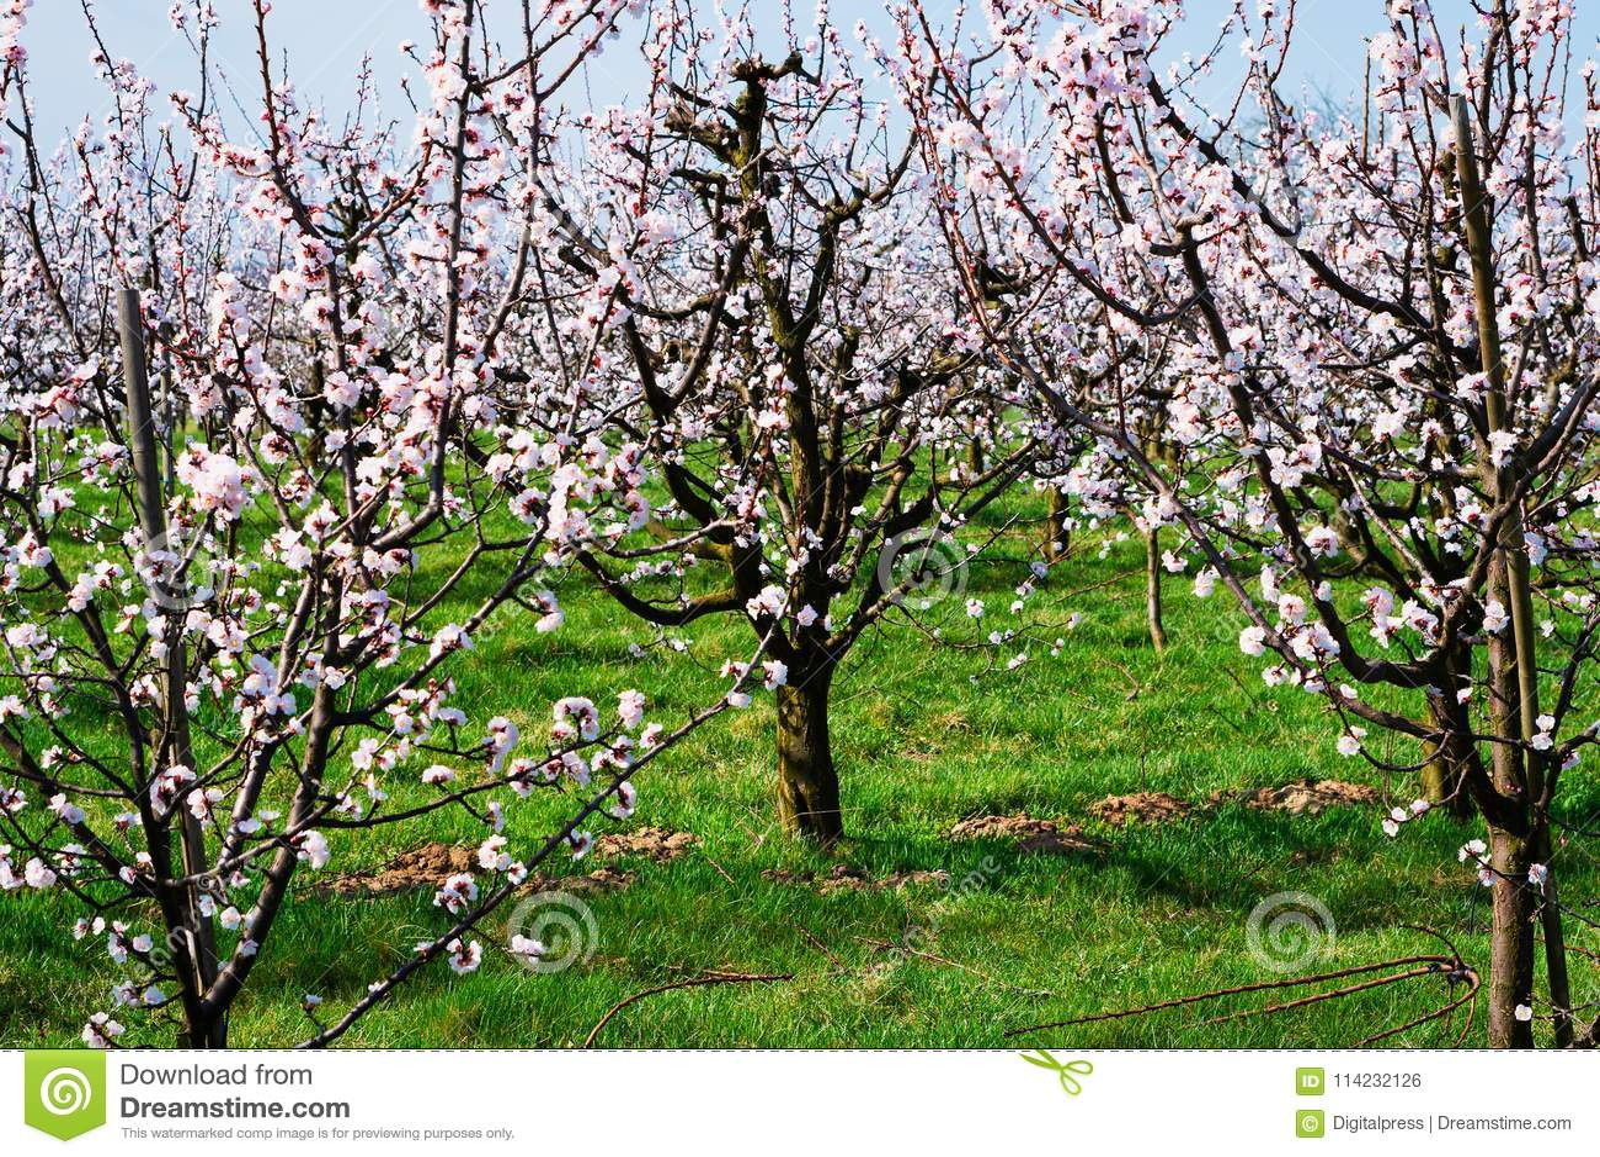 Aprikosenbaum In Der Blüte Stockfoto Bild Von Draußen 114232126